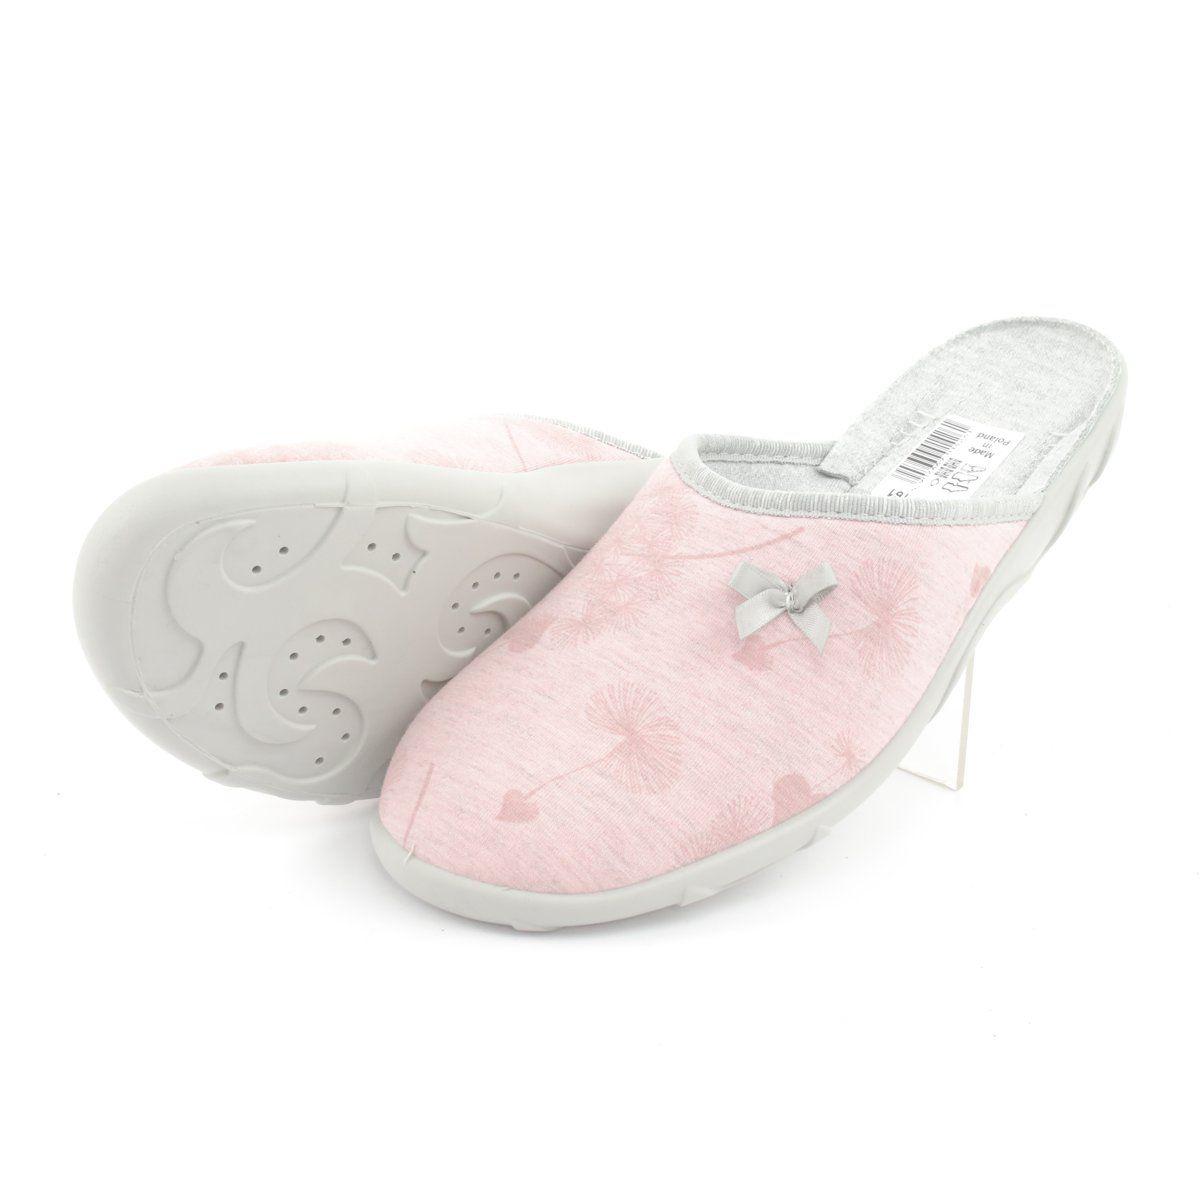 Befado Kolorowe Obuwie Damskie 235d161 Rozowe Womens Slippers Homemade Shoes Women Shoes